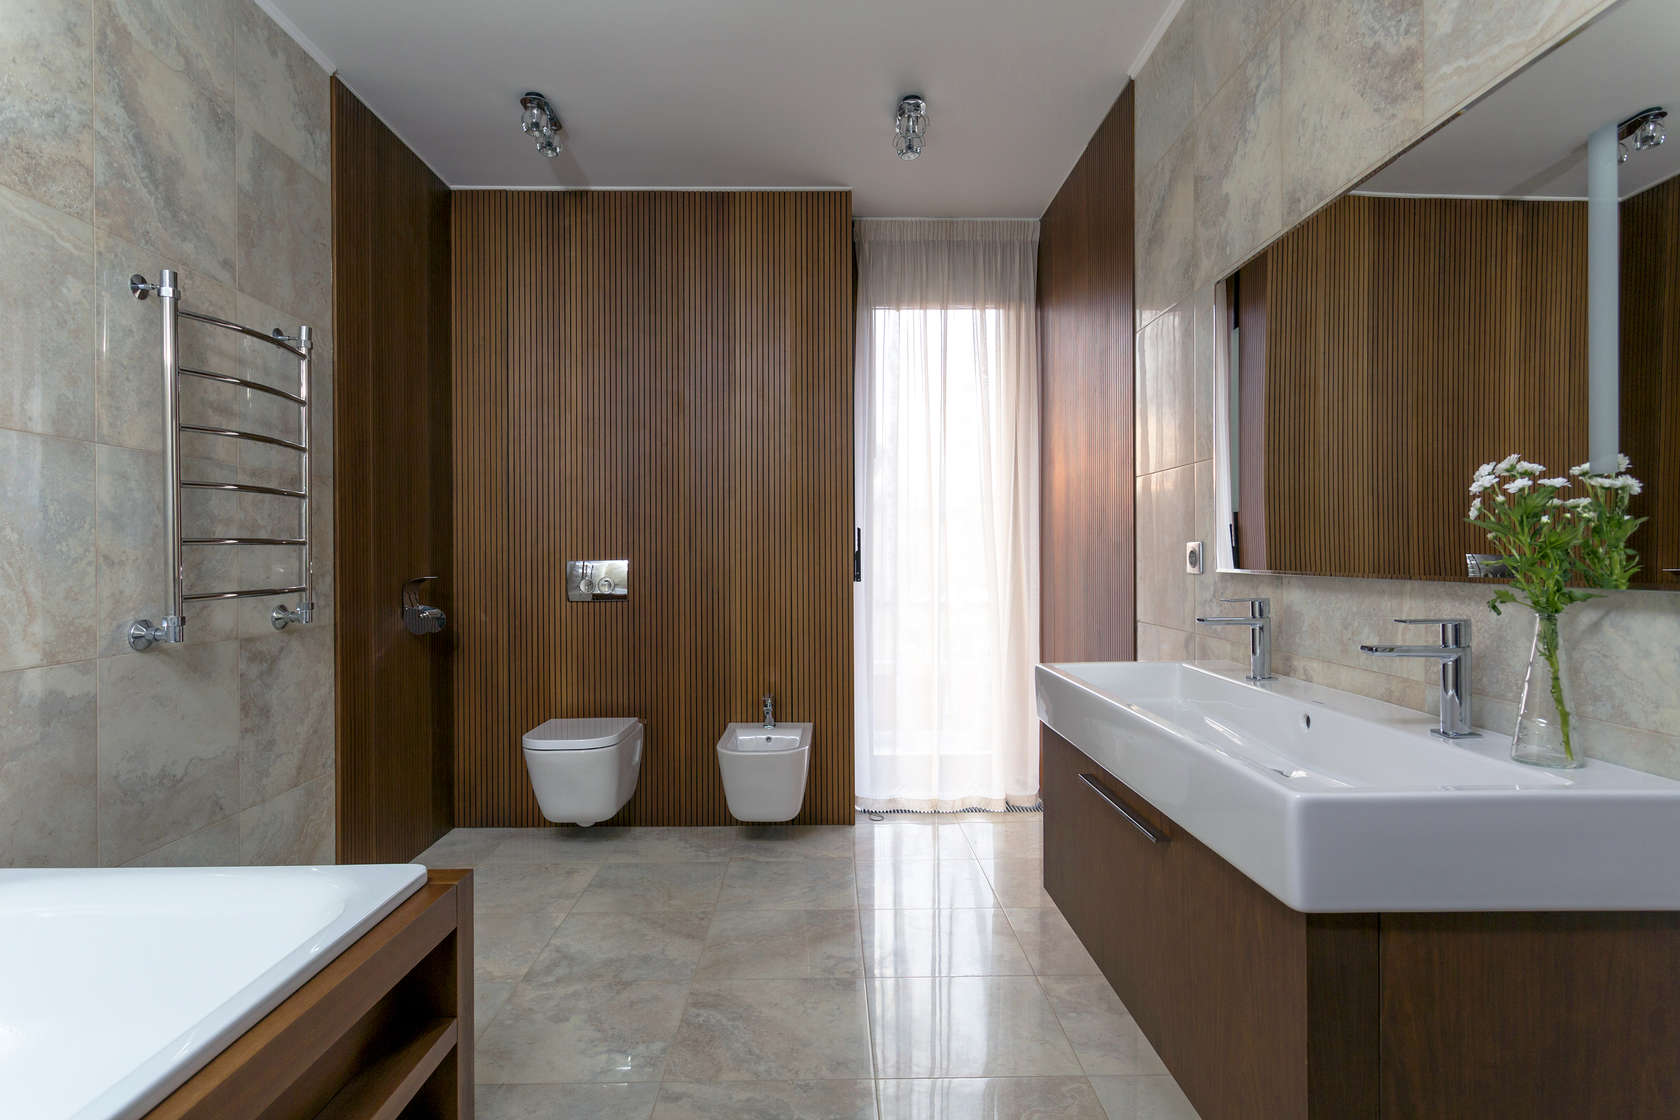 Amazoncouk bathroom seaside